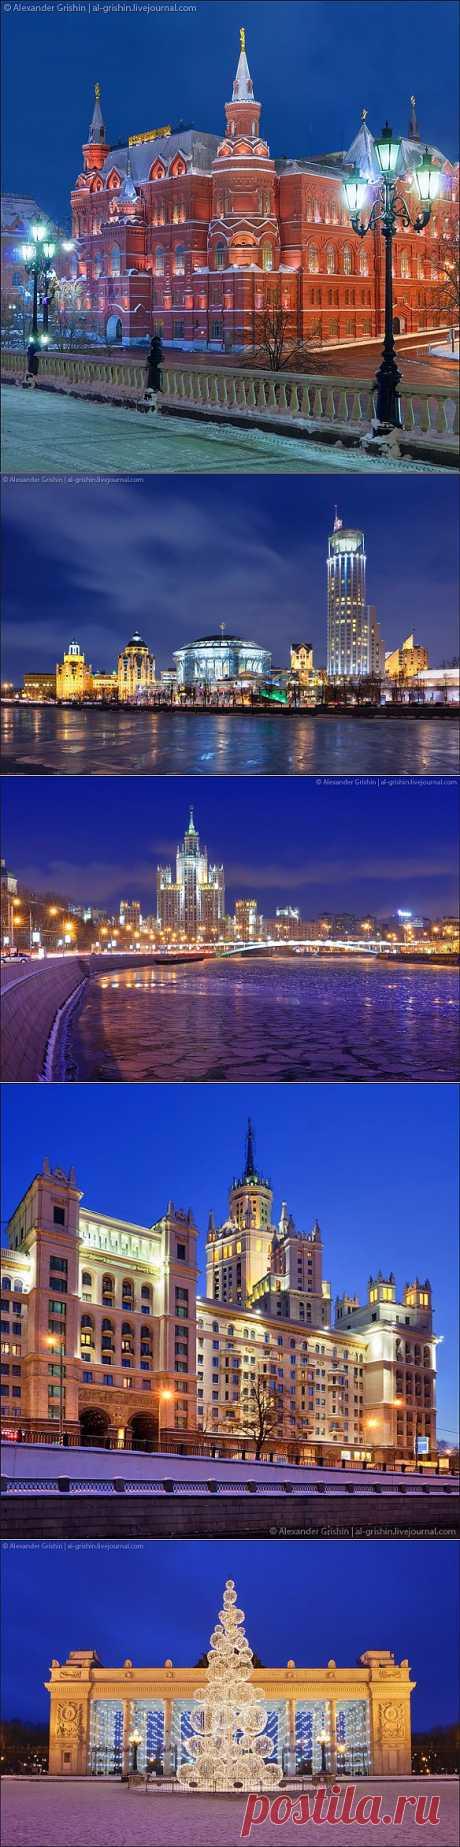 night_in_city: Подборка фотографий вечерней Москвы.